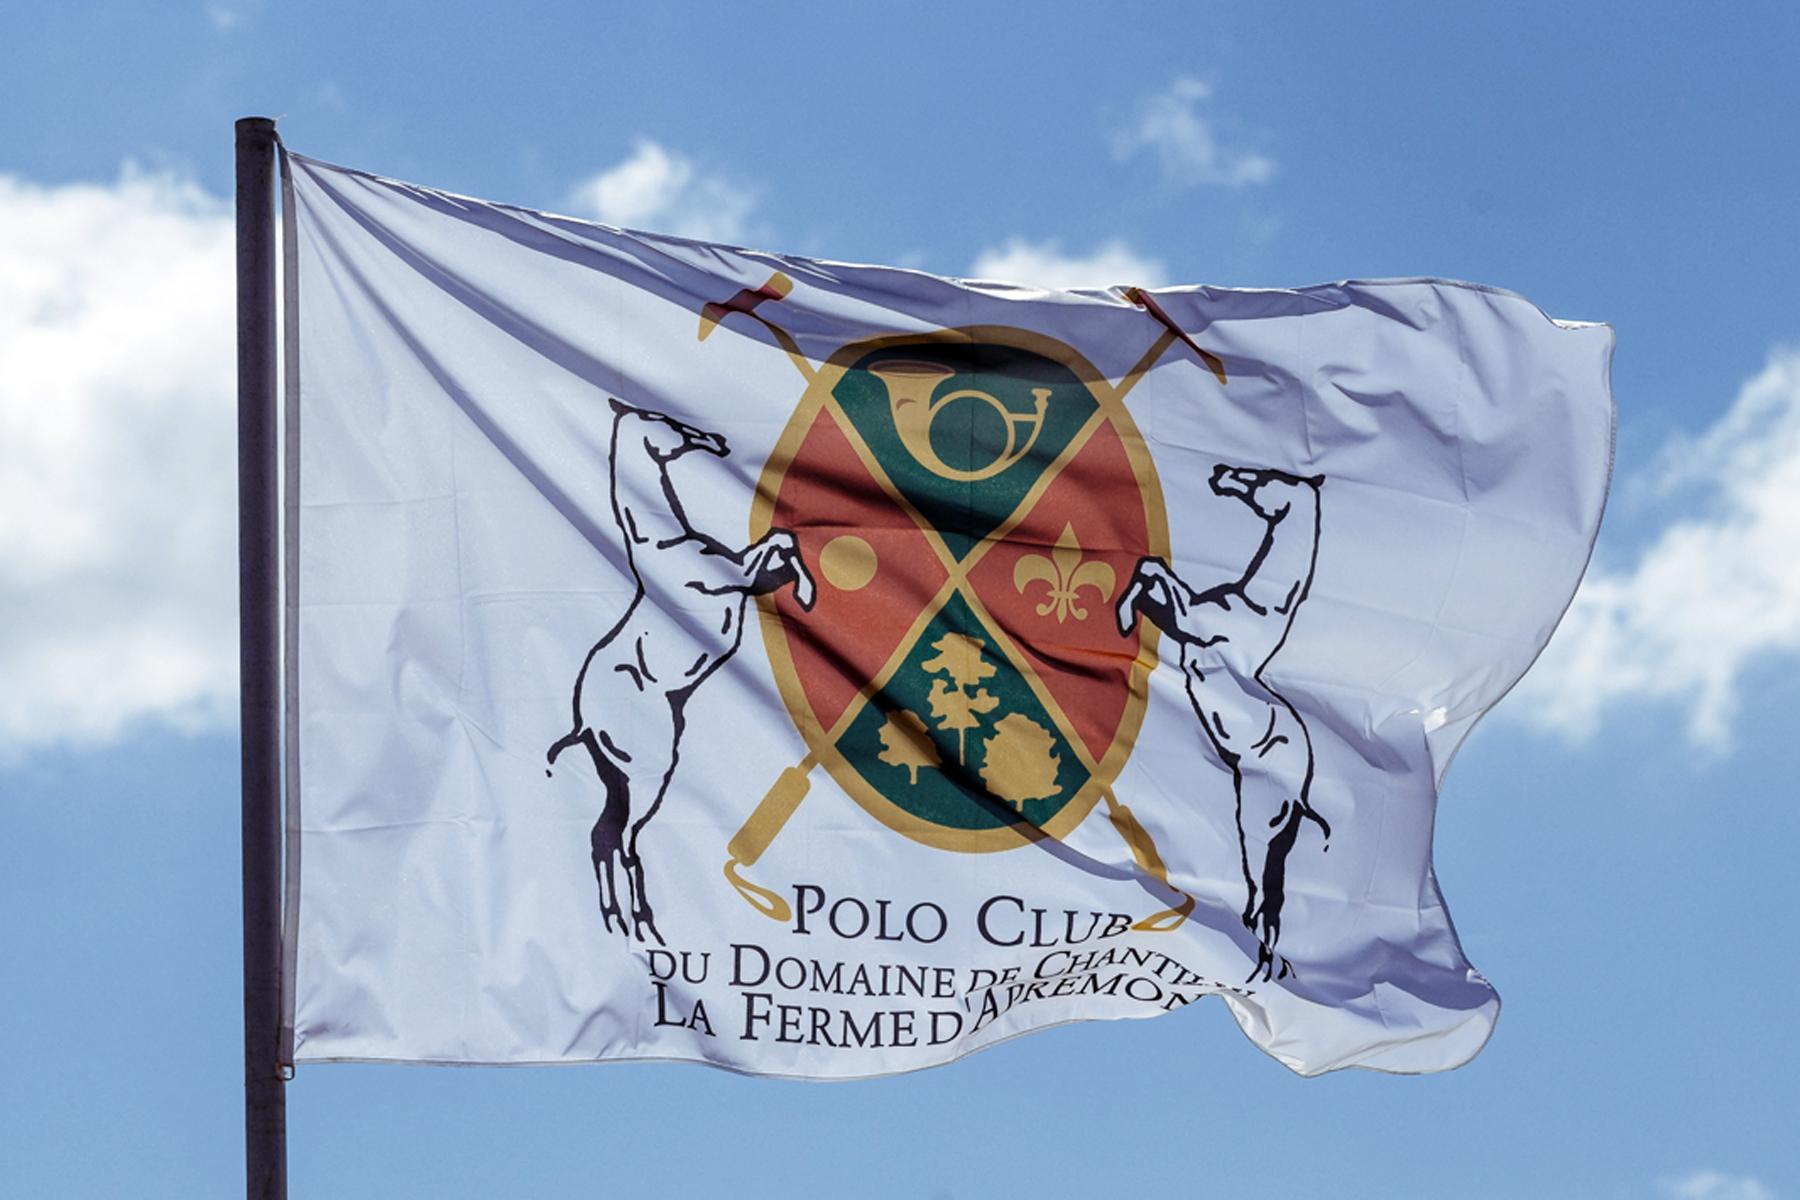 Journée bleue et ensoleillée sur le Polo Club du Domaine de Chantilly Blue and sunny day on Chantilly Polo Club